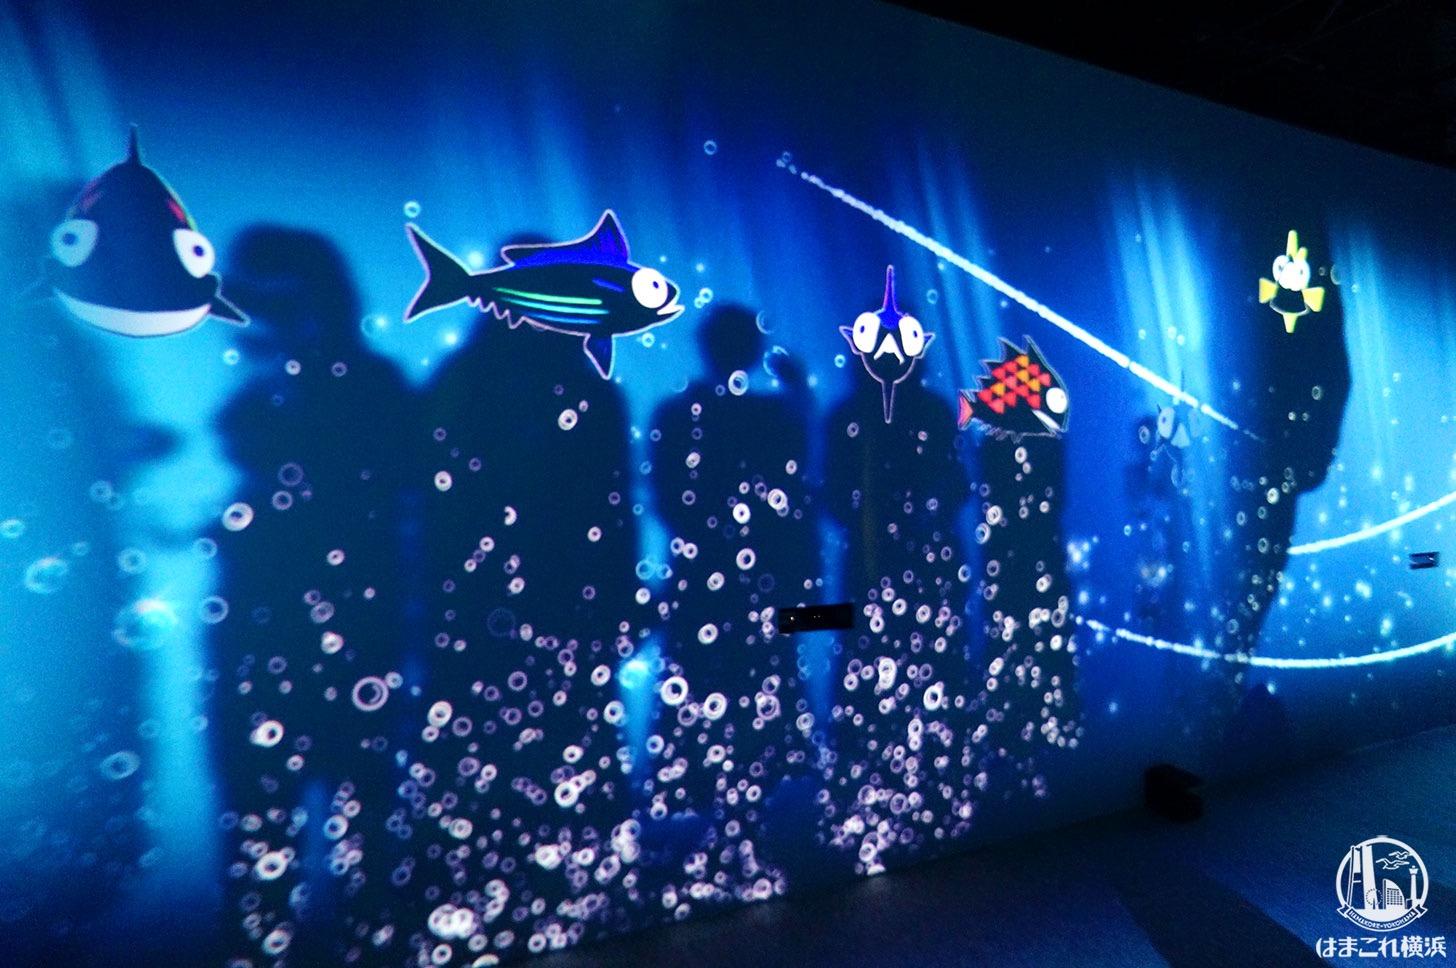 オーシャン バイ ネイキッド 光の深海展「影の魚群」